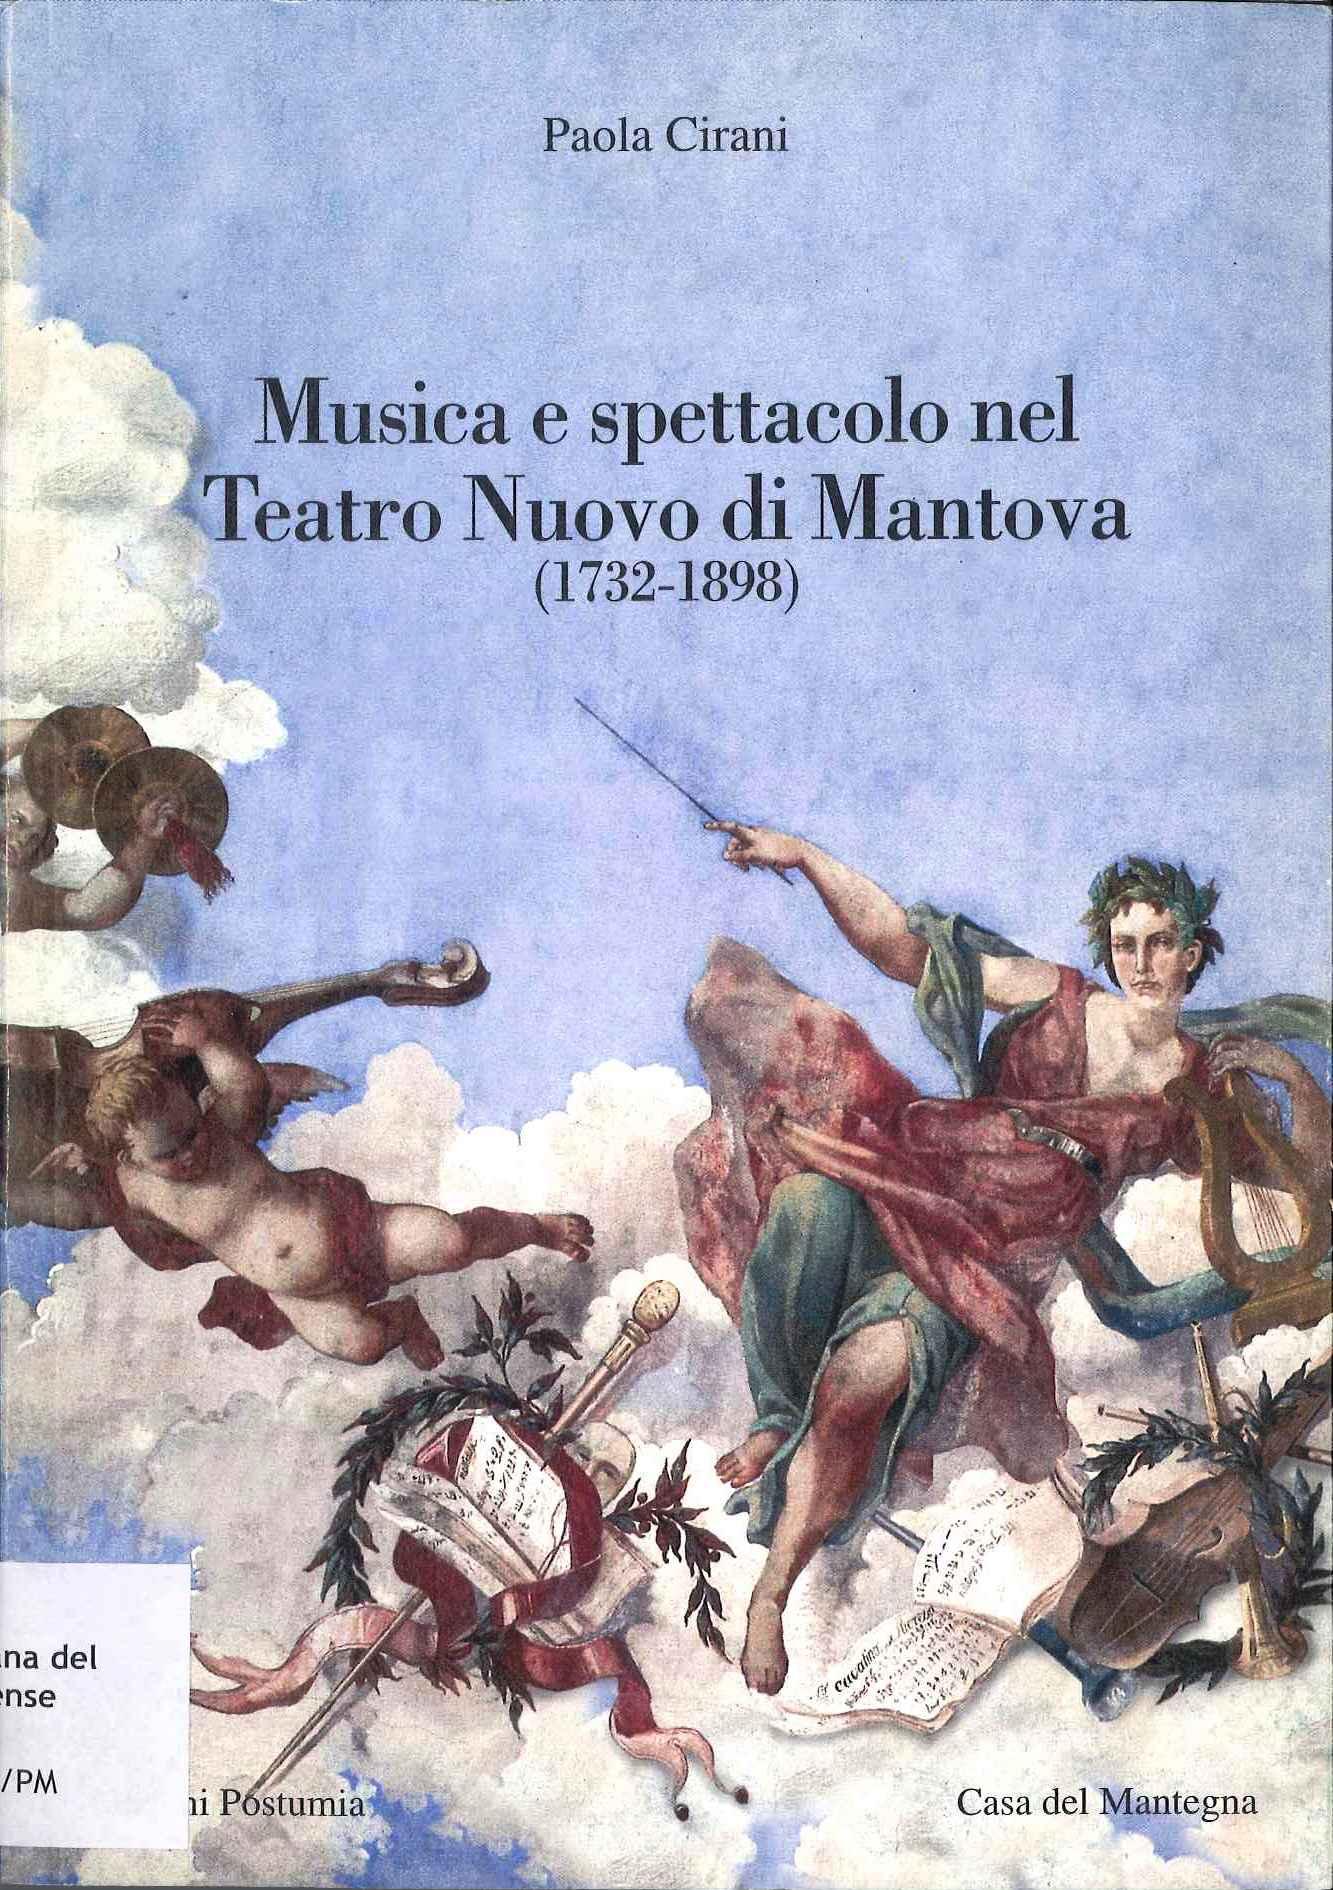 Musica e spettacolo nel Teatro nuovo di Mantova